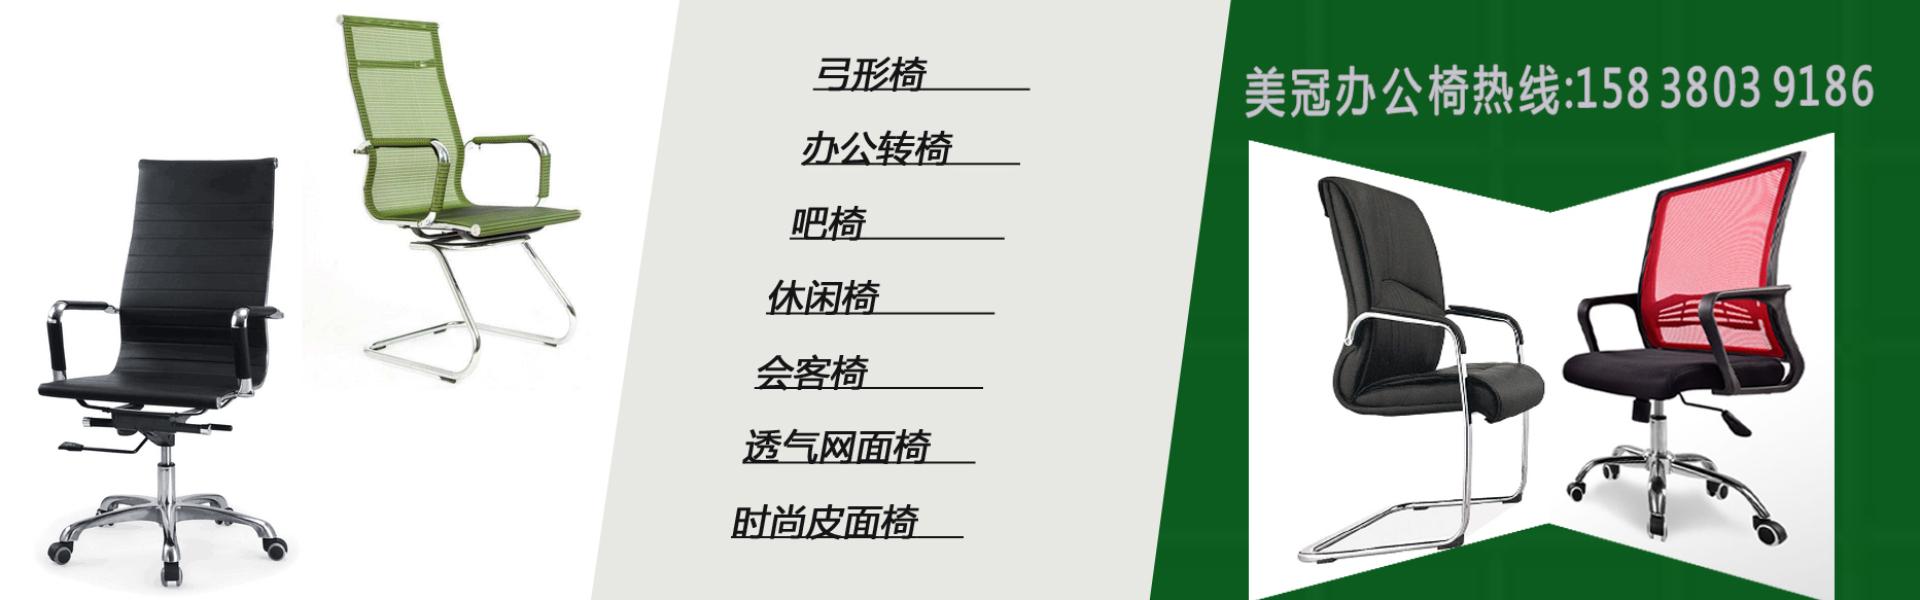 郑州电脑桌椅定做